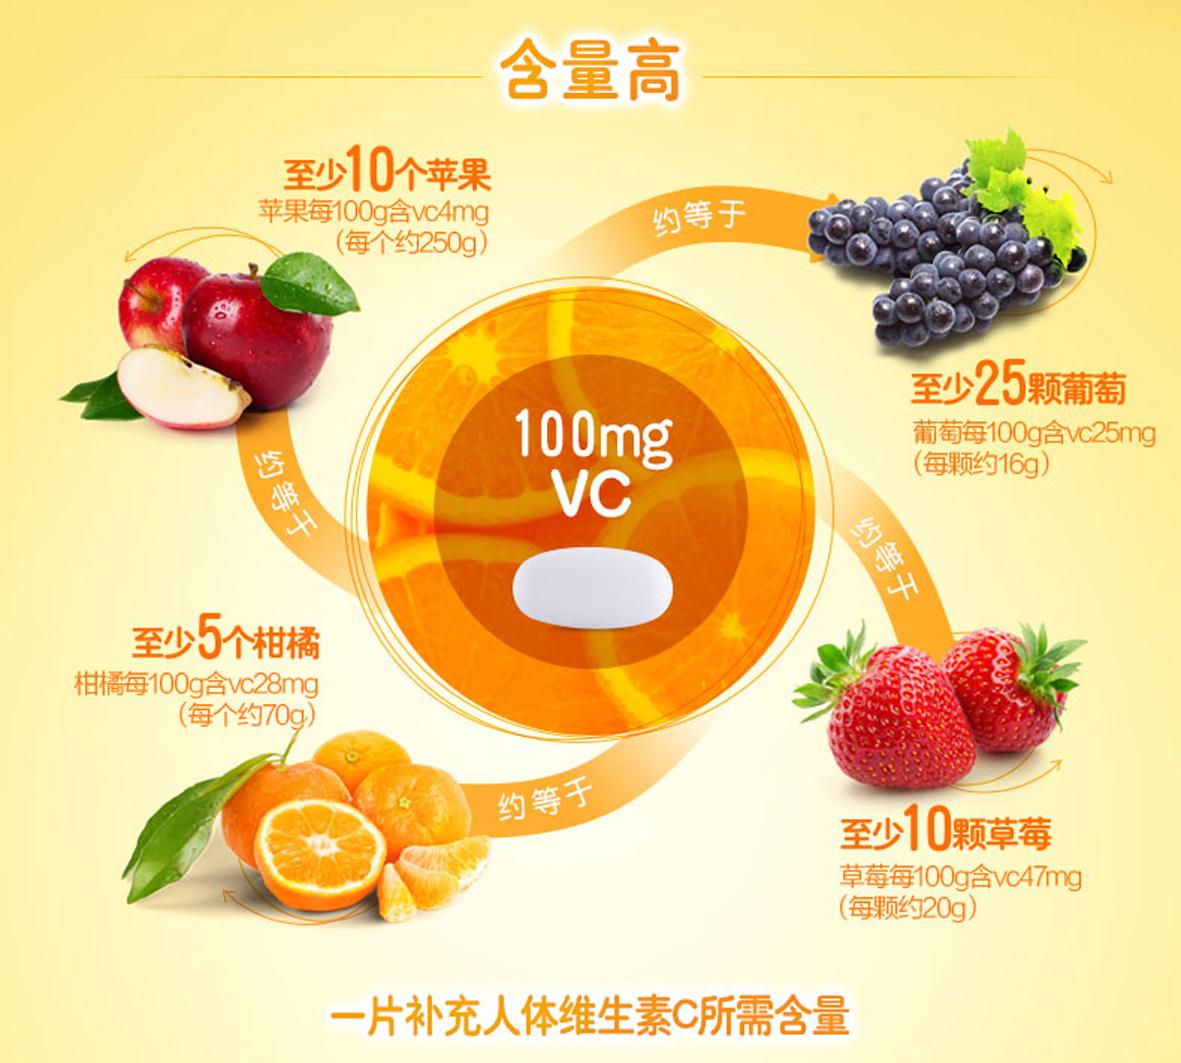 11水果.JPG